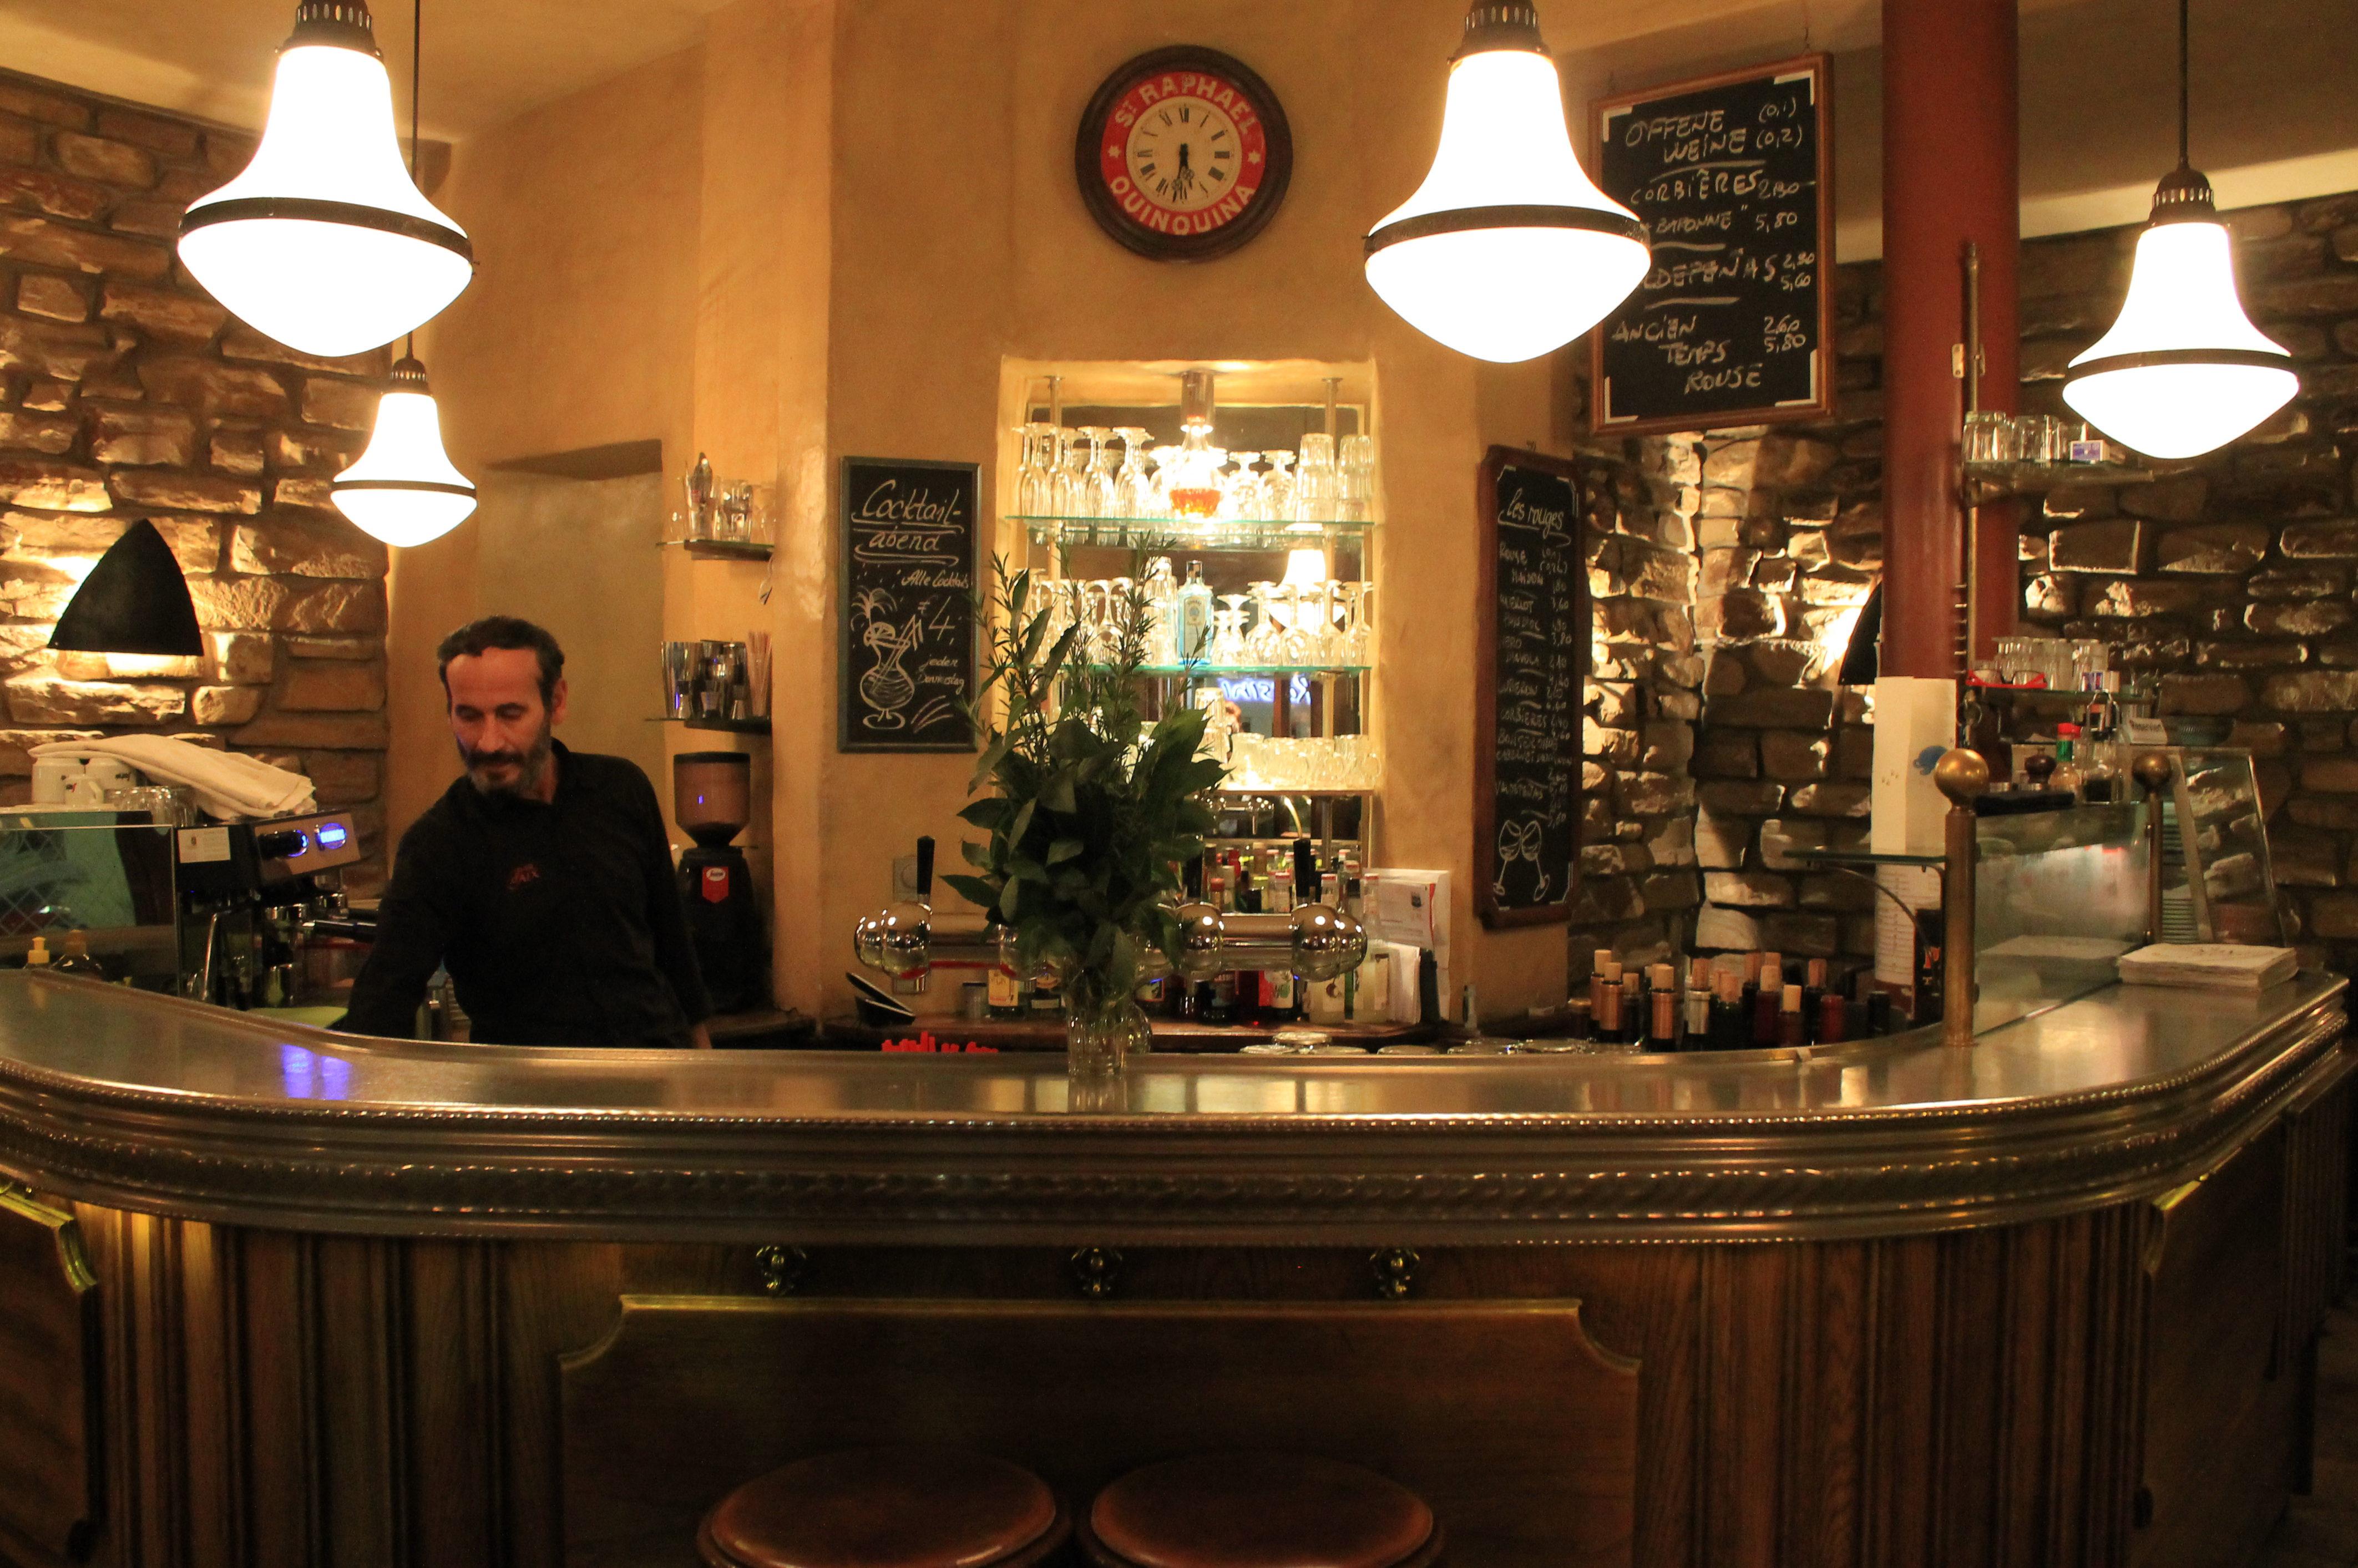 Sie läd zum Verweilen ein: Die Bar d'Aix en Provence in Neuenheim. Bild: Maren Kaps